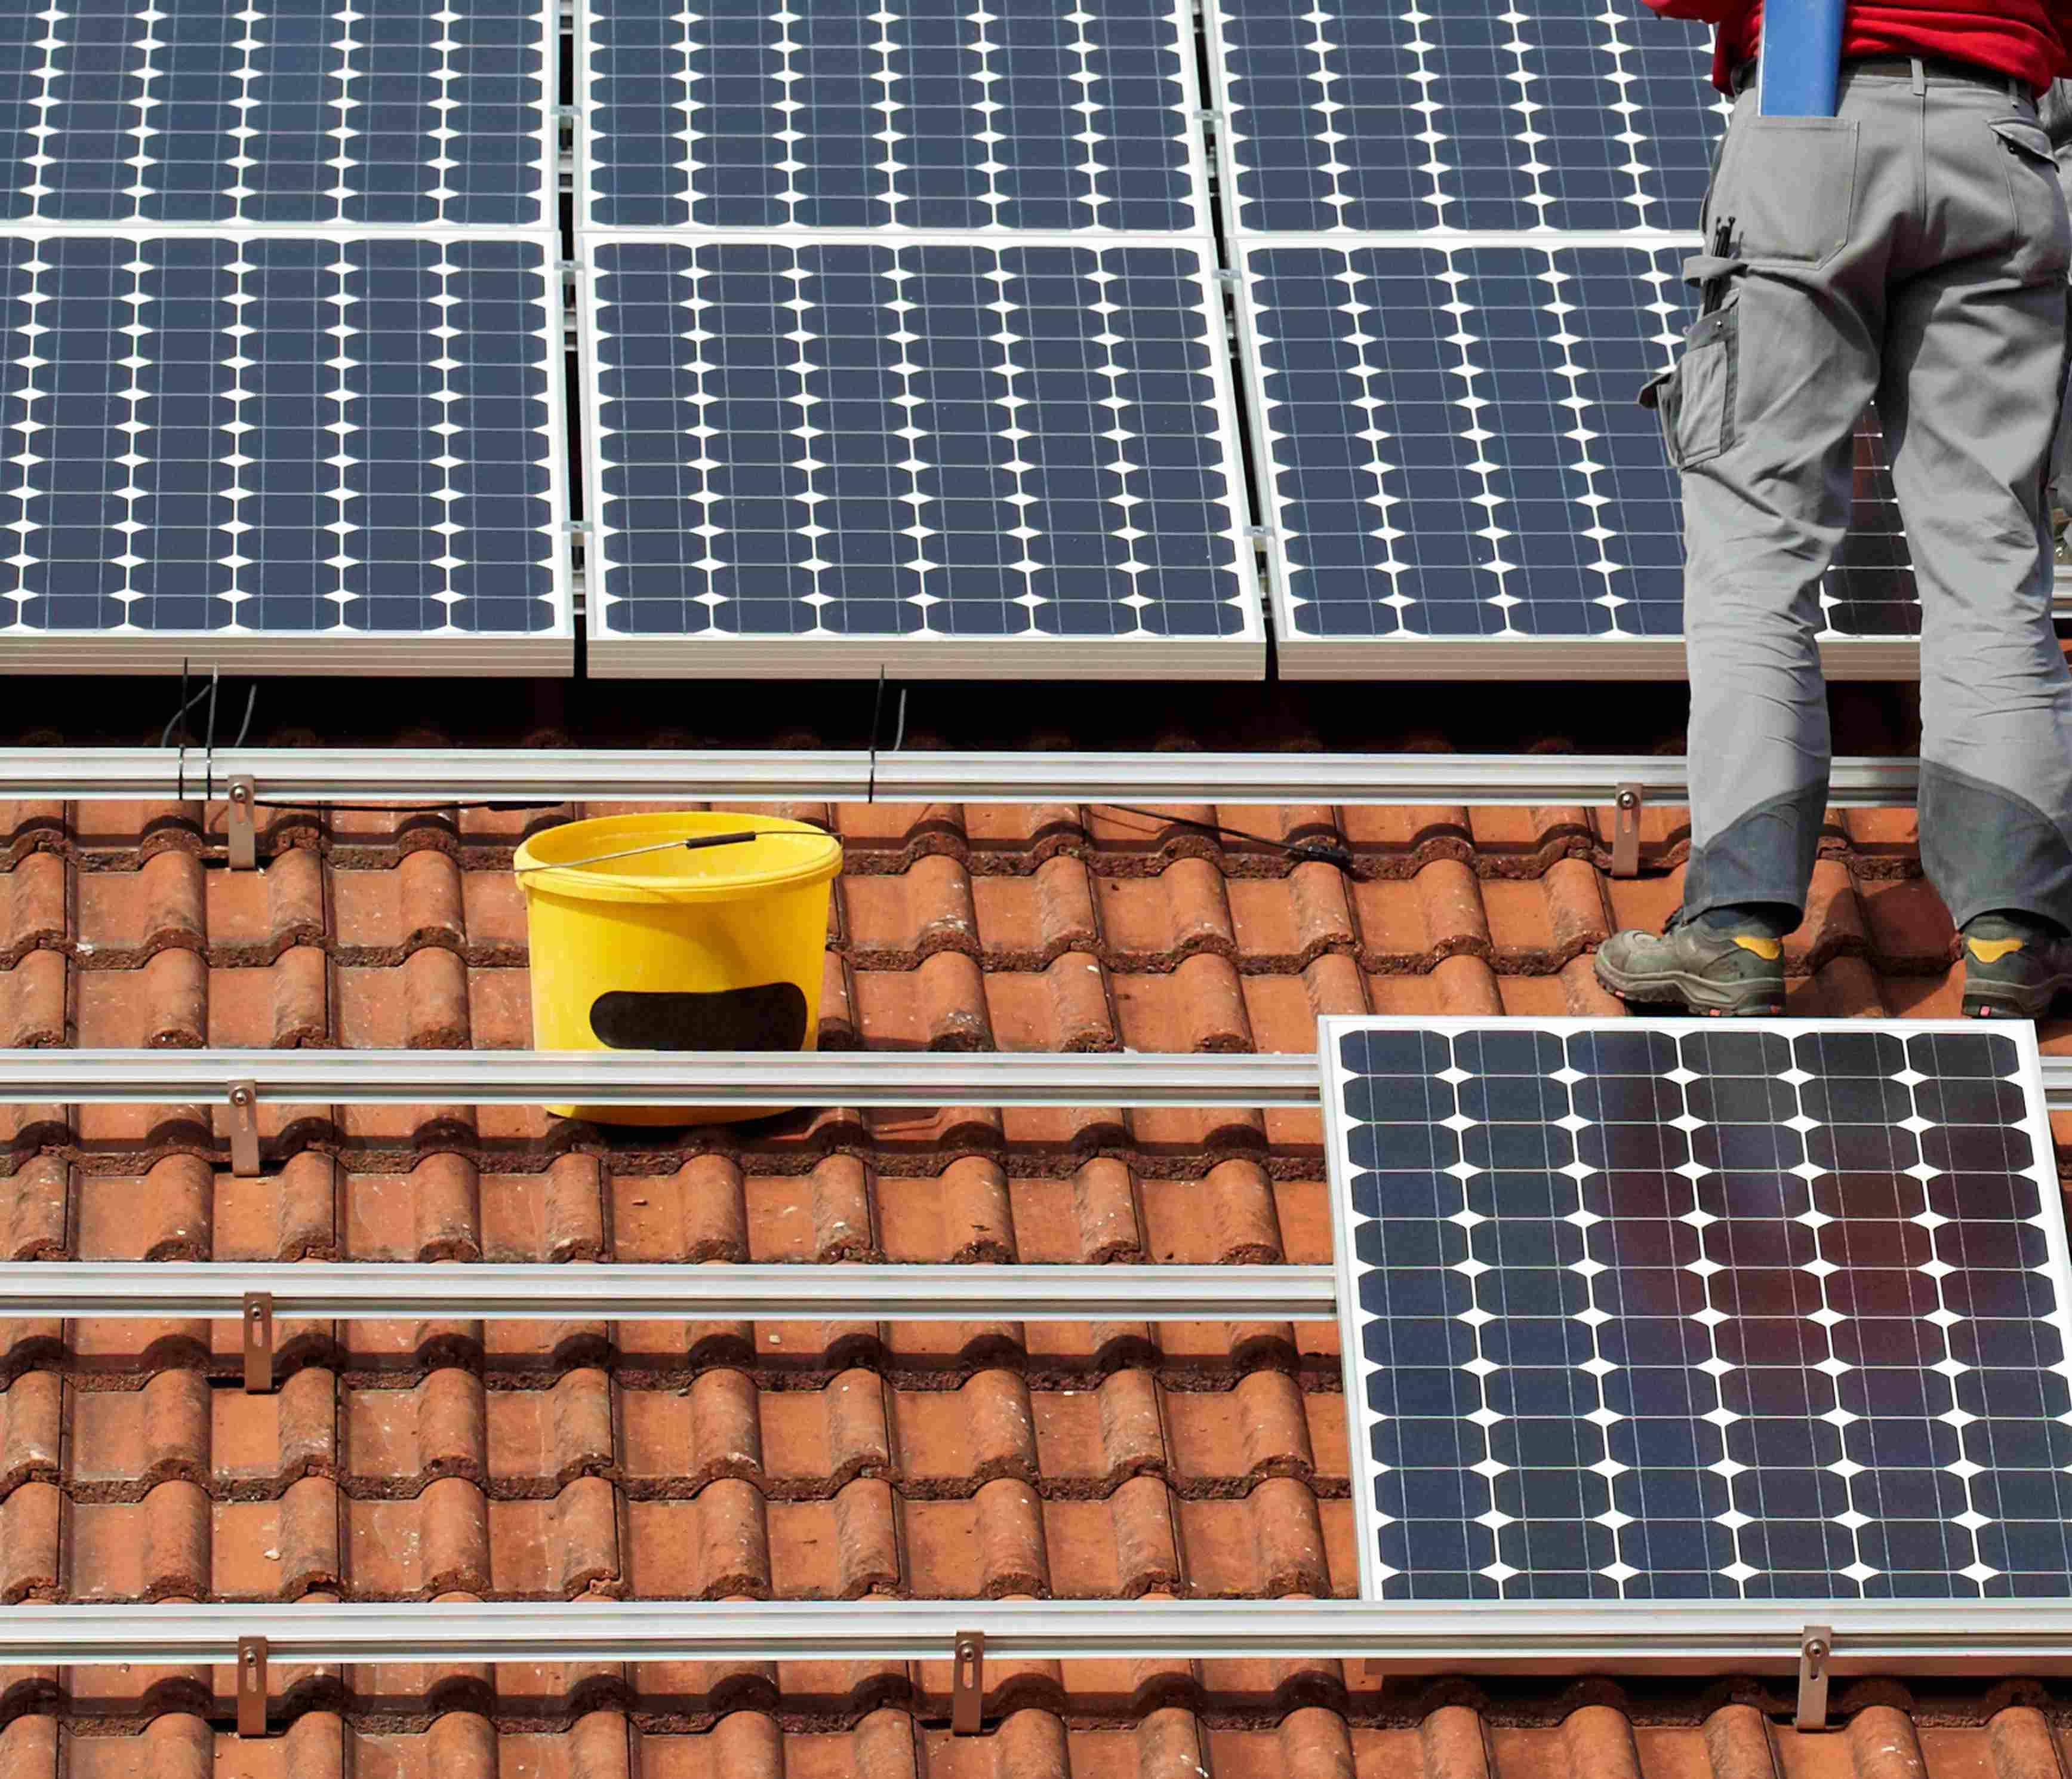 En una vivienda con consumo mensual de 120 kWh, el sistema de calentamiento solar residencial suele pesar un 25 o 35% de la cuenta de la energía mensual.